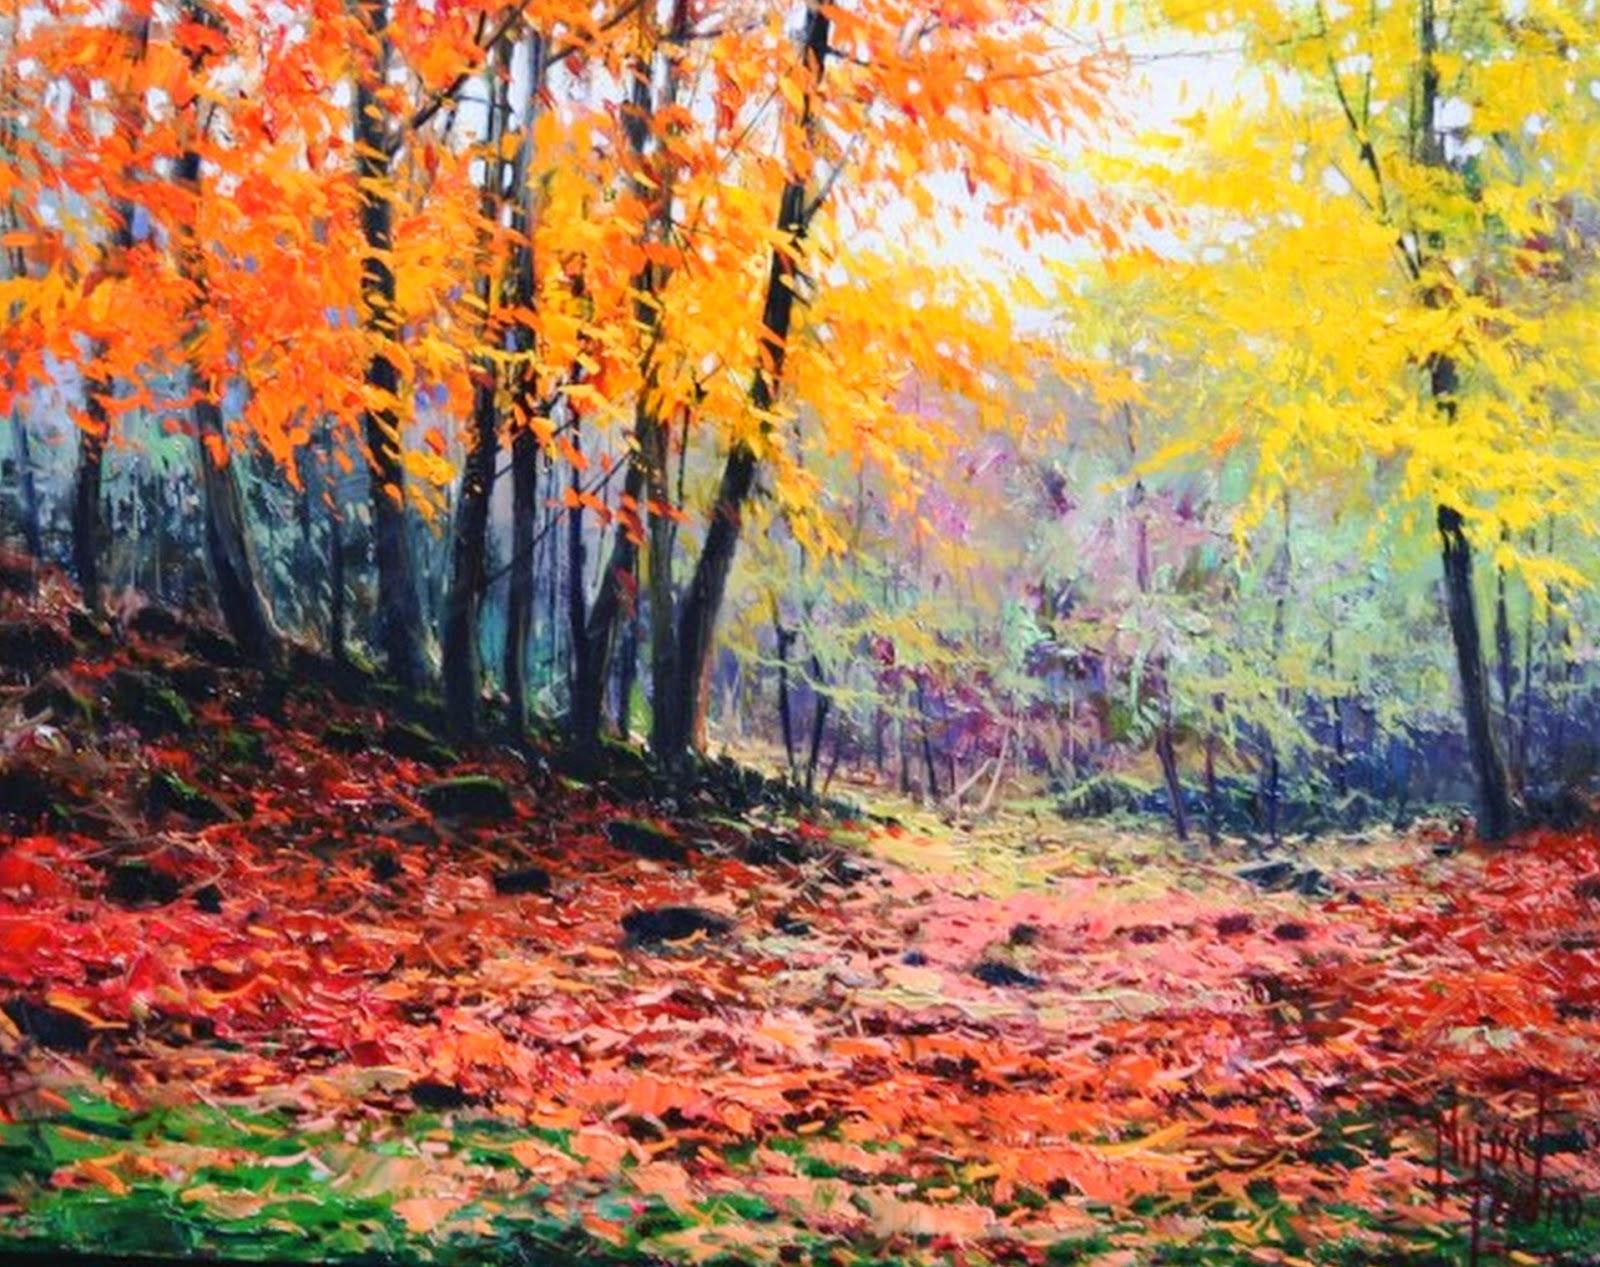 pinturas-sencillas-de-paisajes